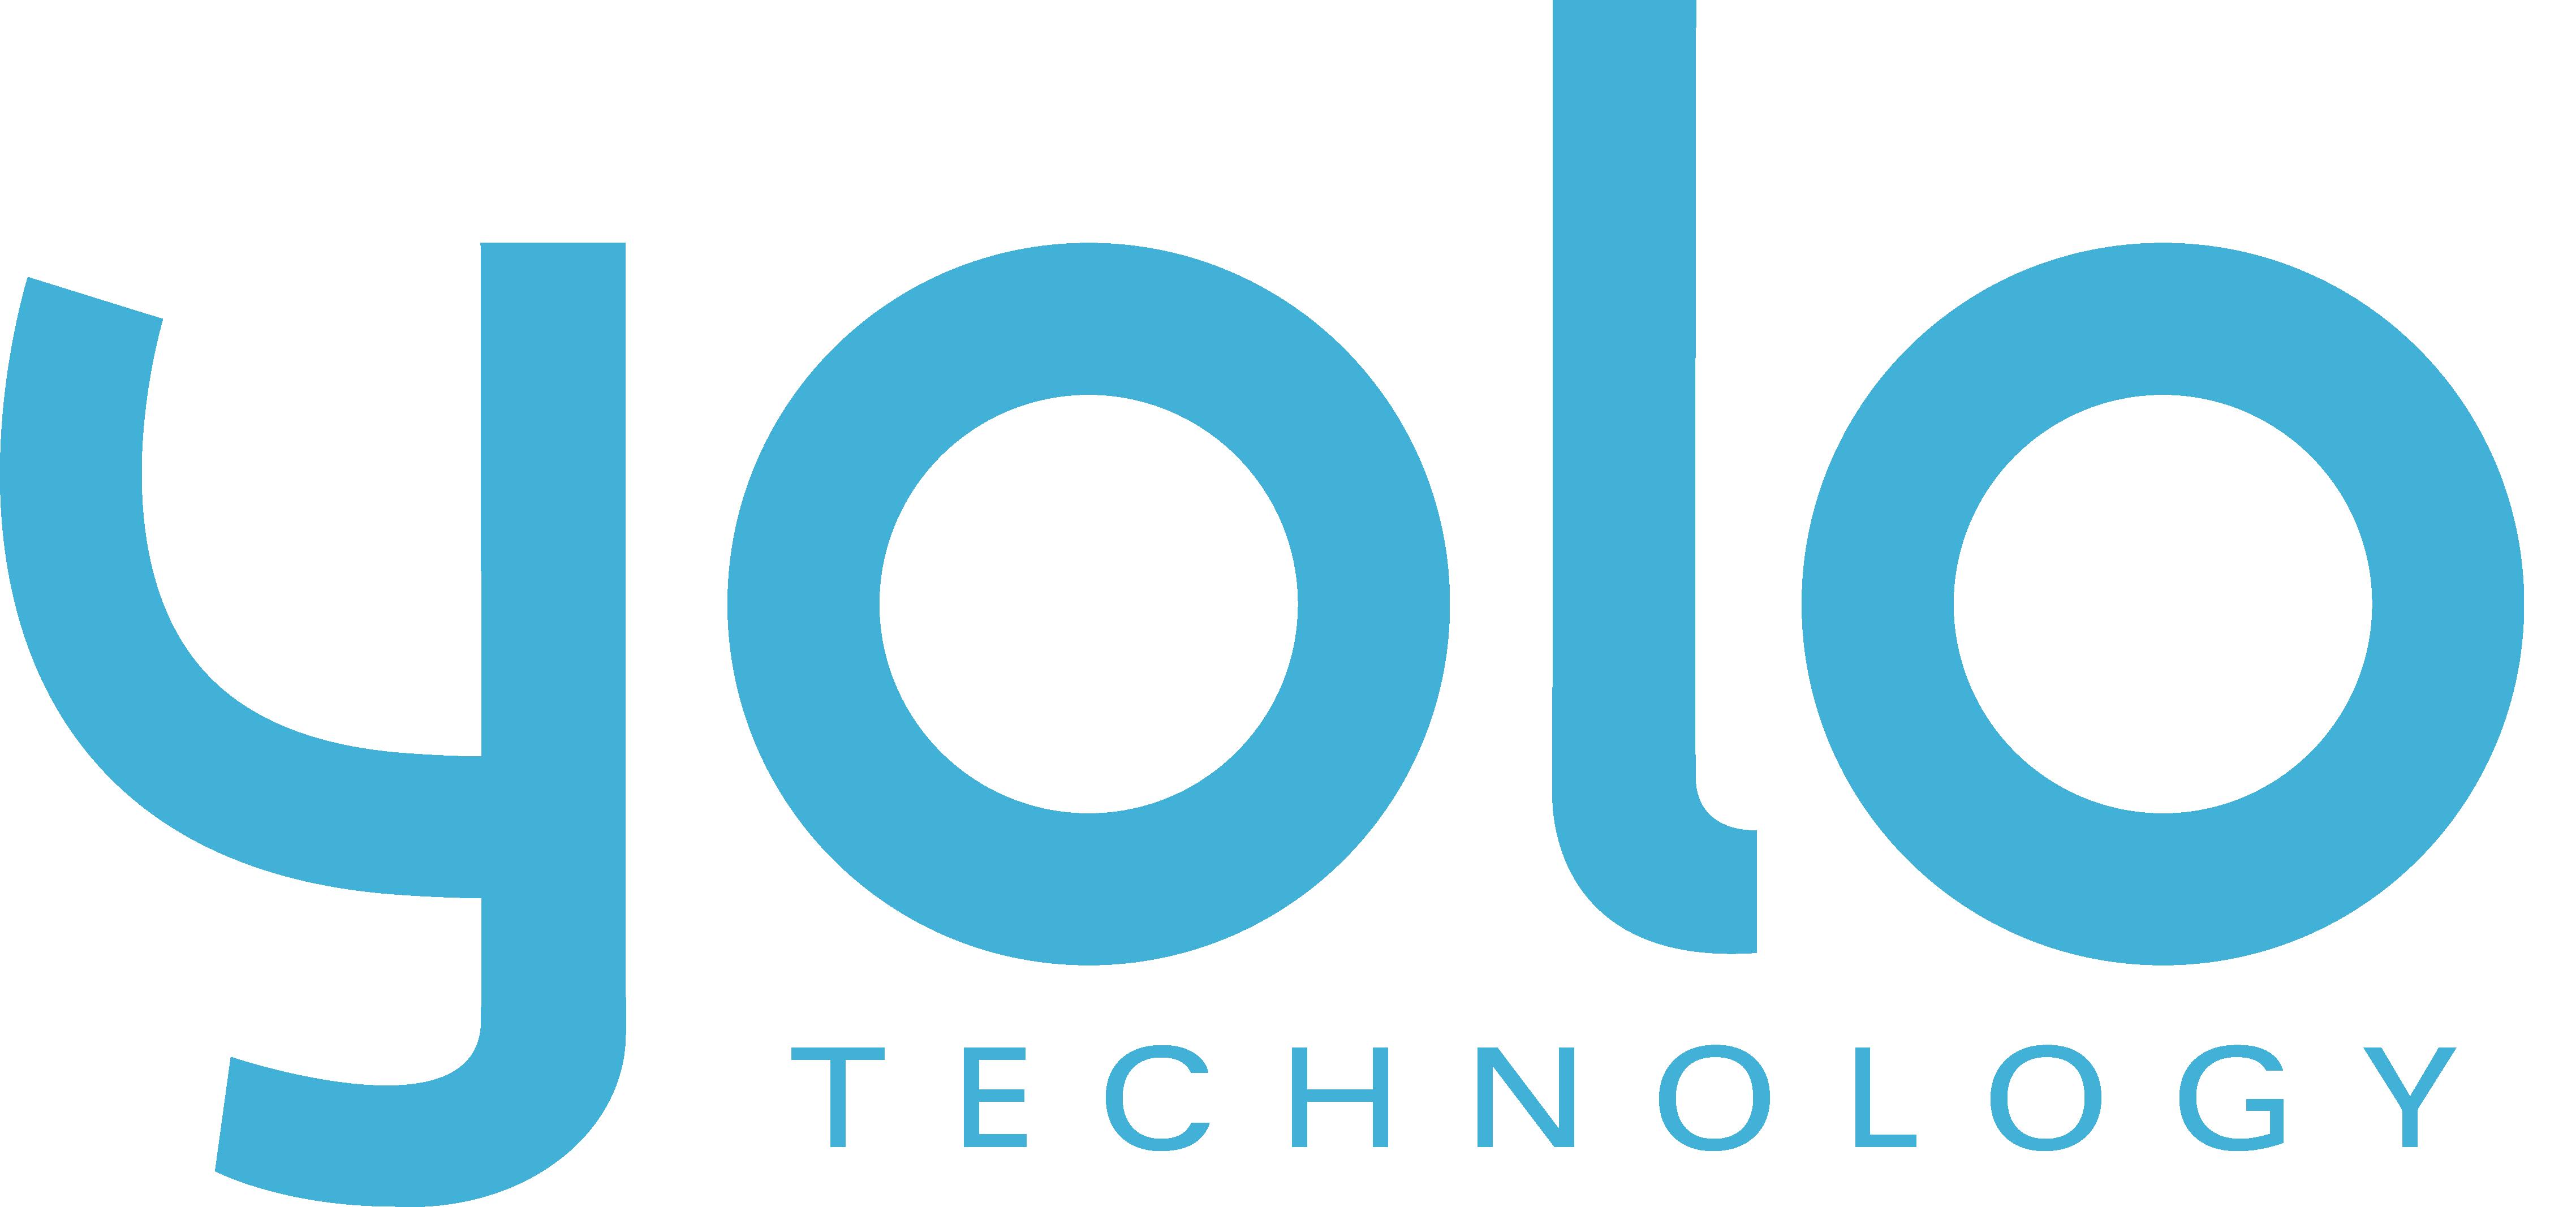 YOLO Technology company logo